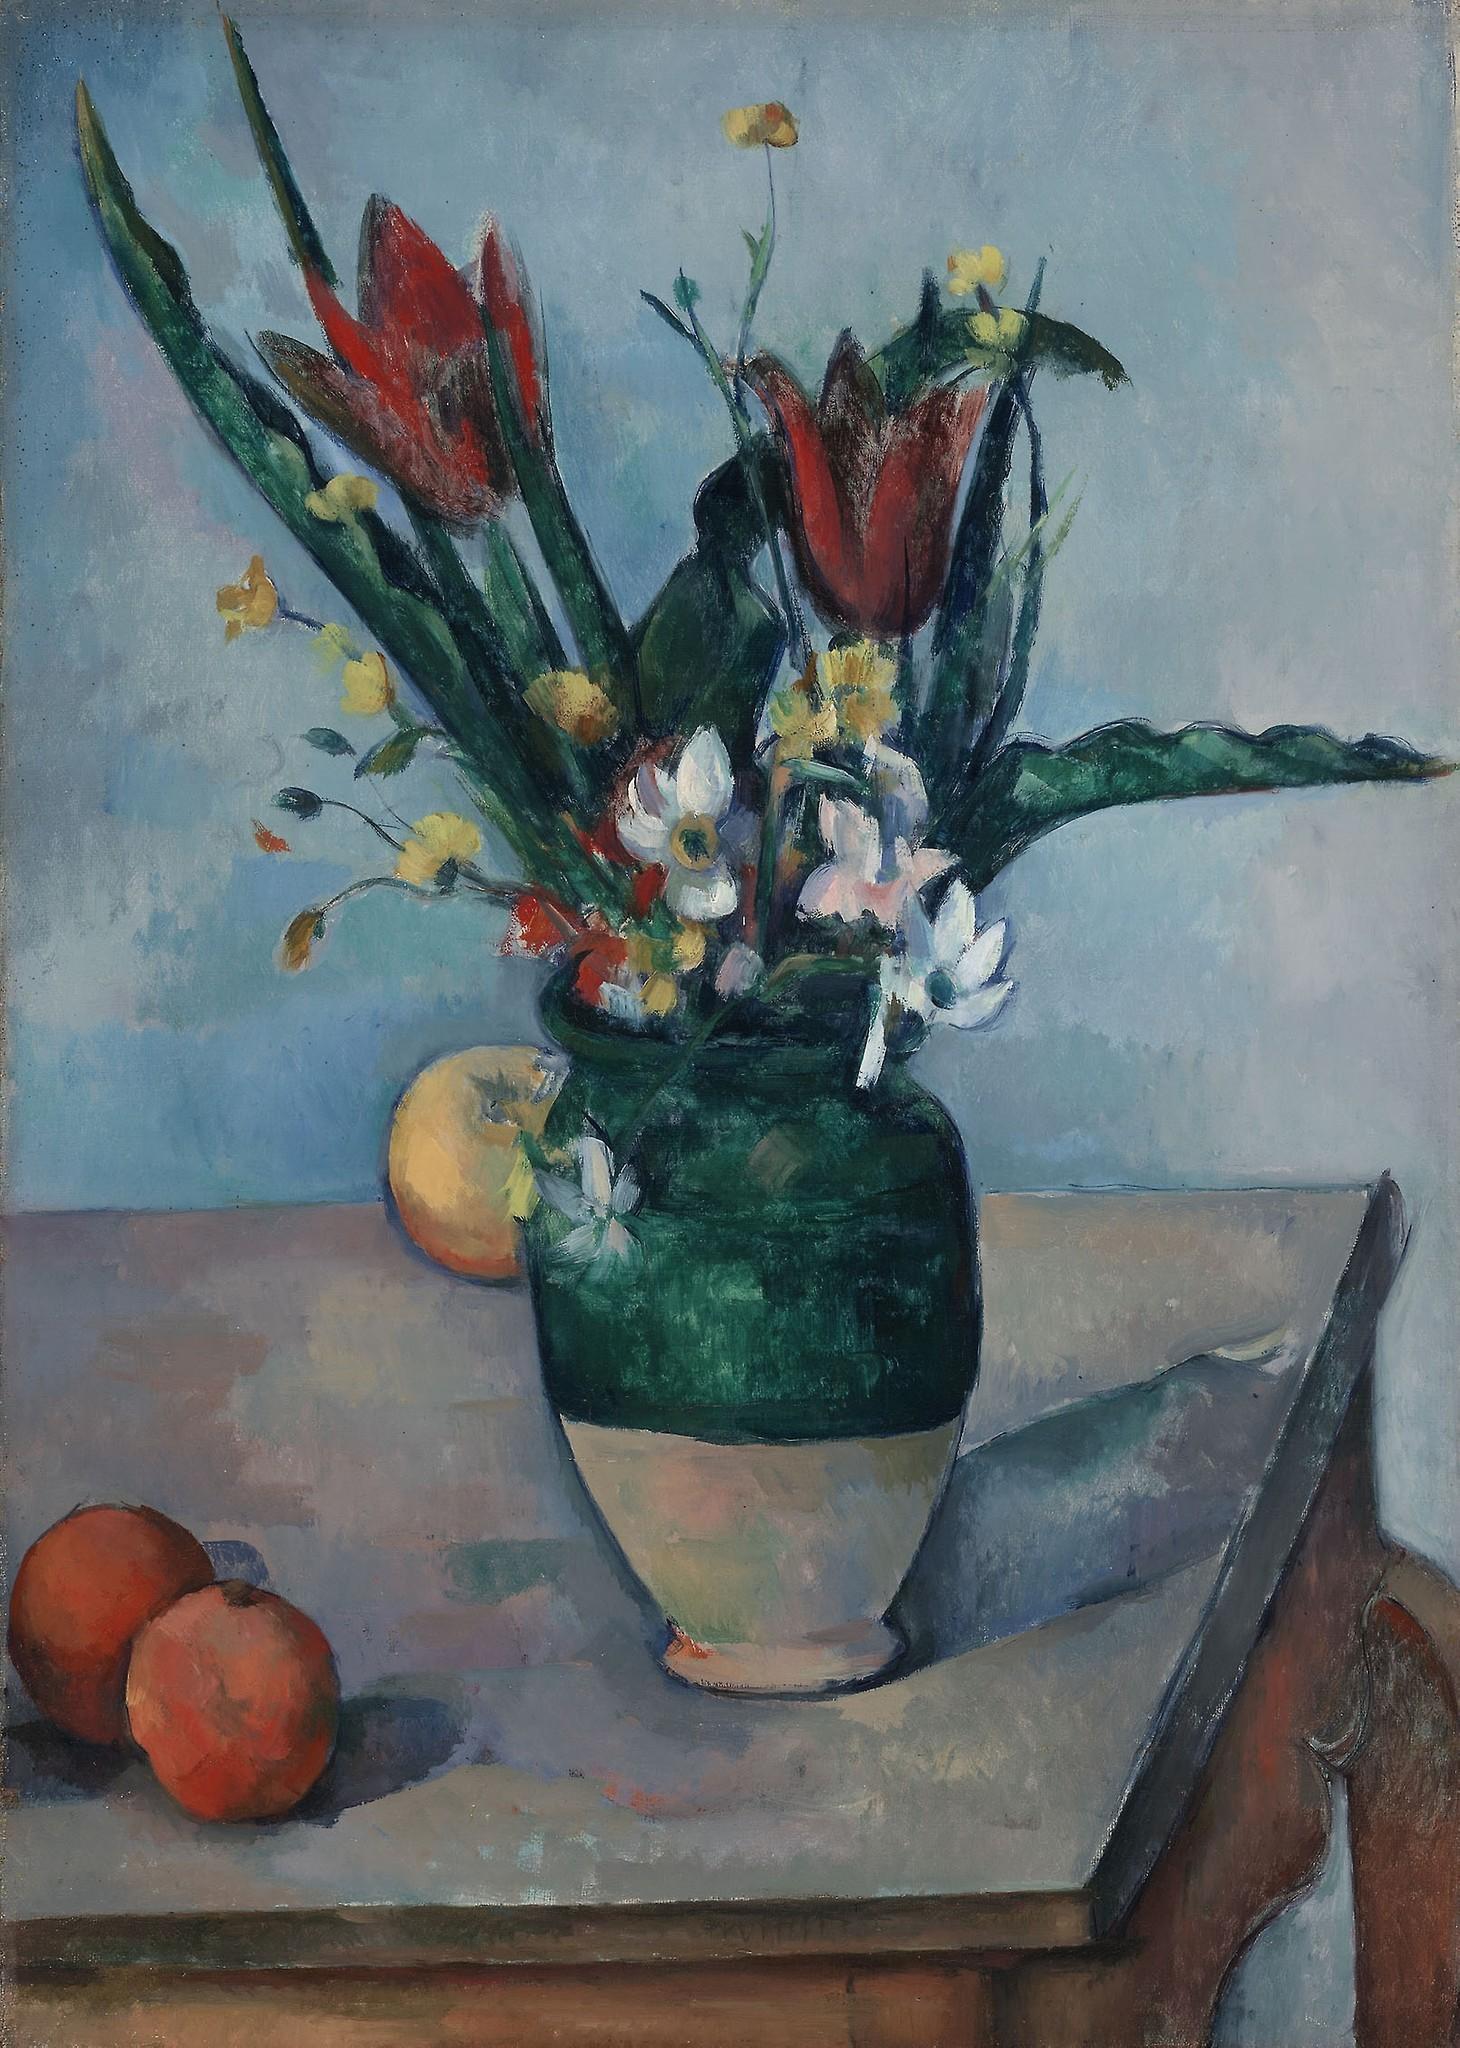 Schilderij - Paul Cezanne - Vaas met tulpen, ca. 1890, 70x100cm